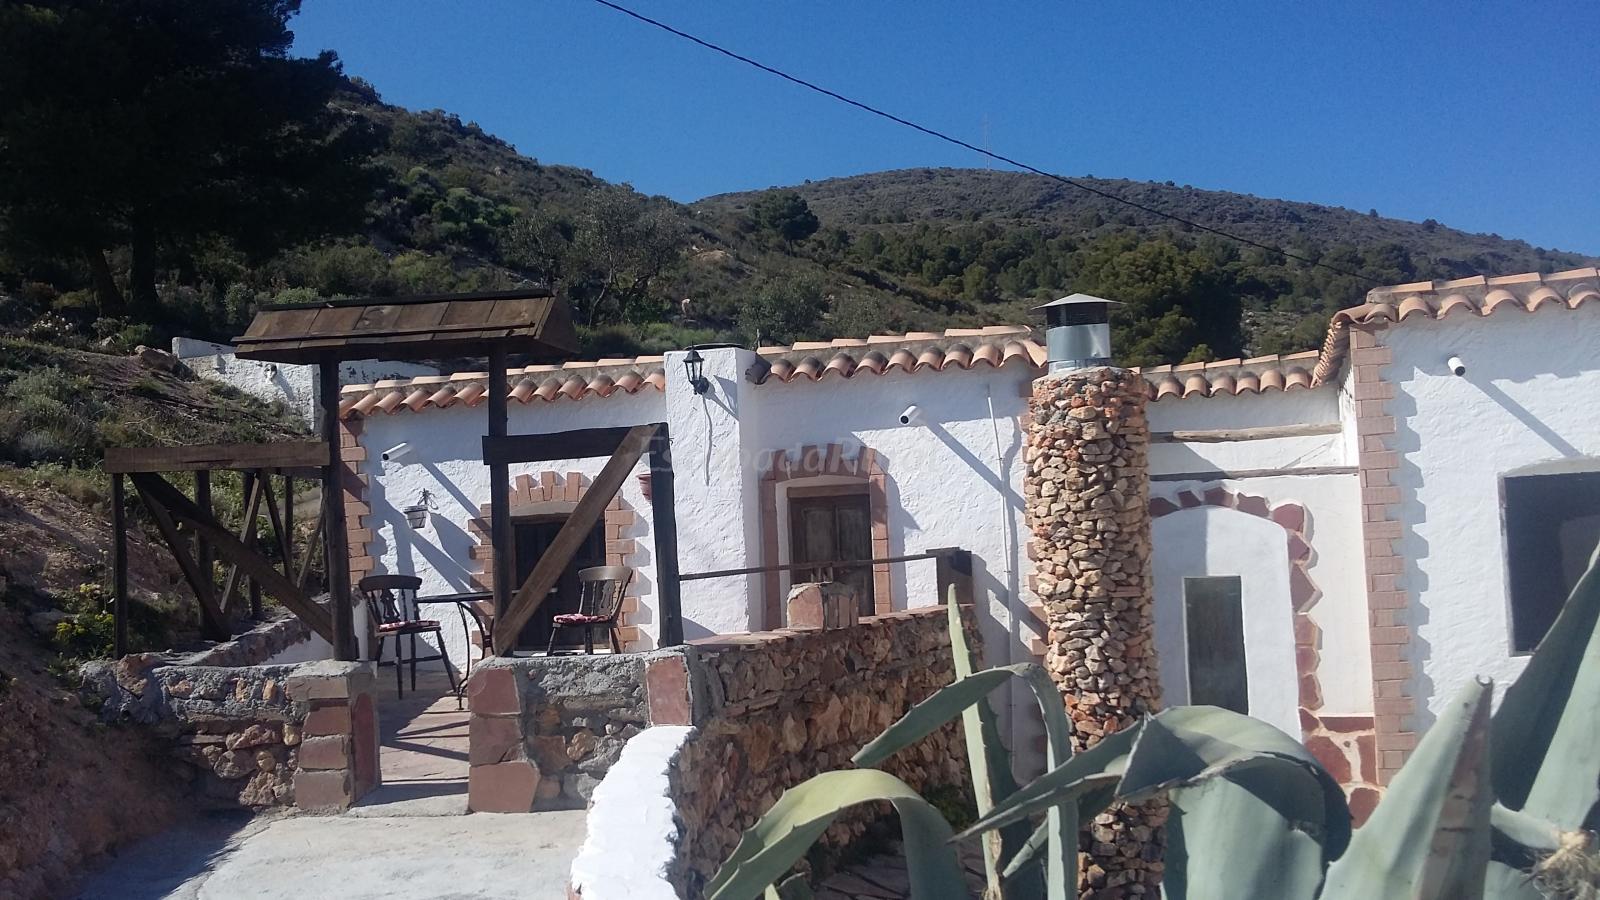 Fotos de las tres patas complejo rural casa rural en enix almer a - Casas rurales en lastres ...